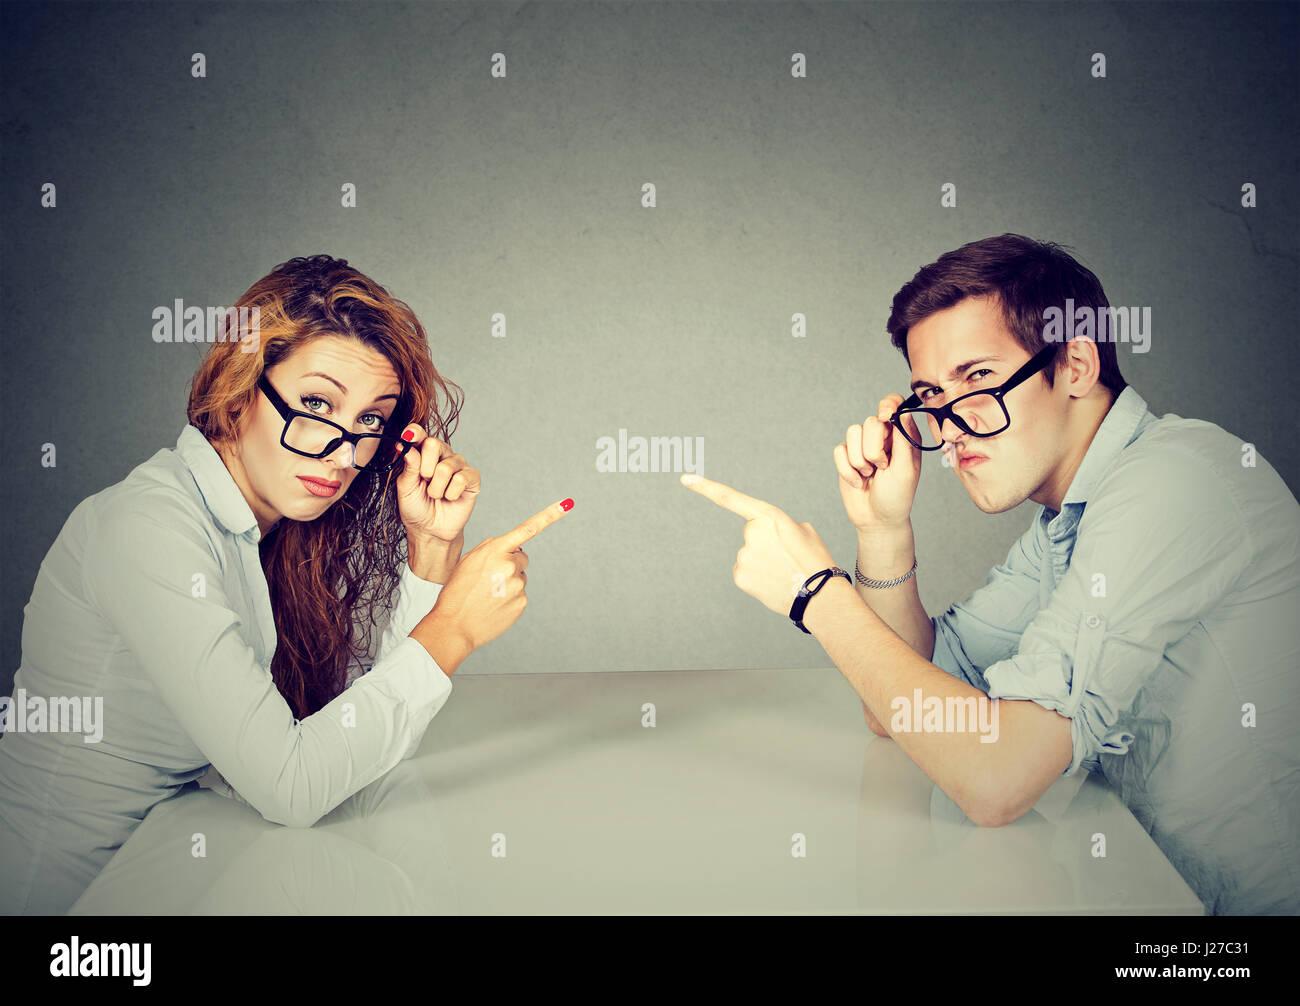 El hombre y la mujer, la pareja se acusaban mutuamente, culparse mutuamente por el problema Imagen De Stock